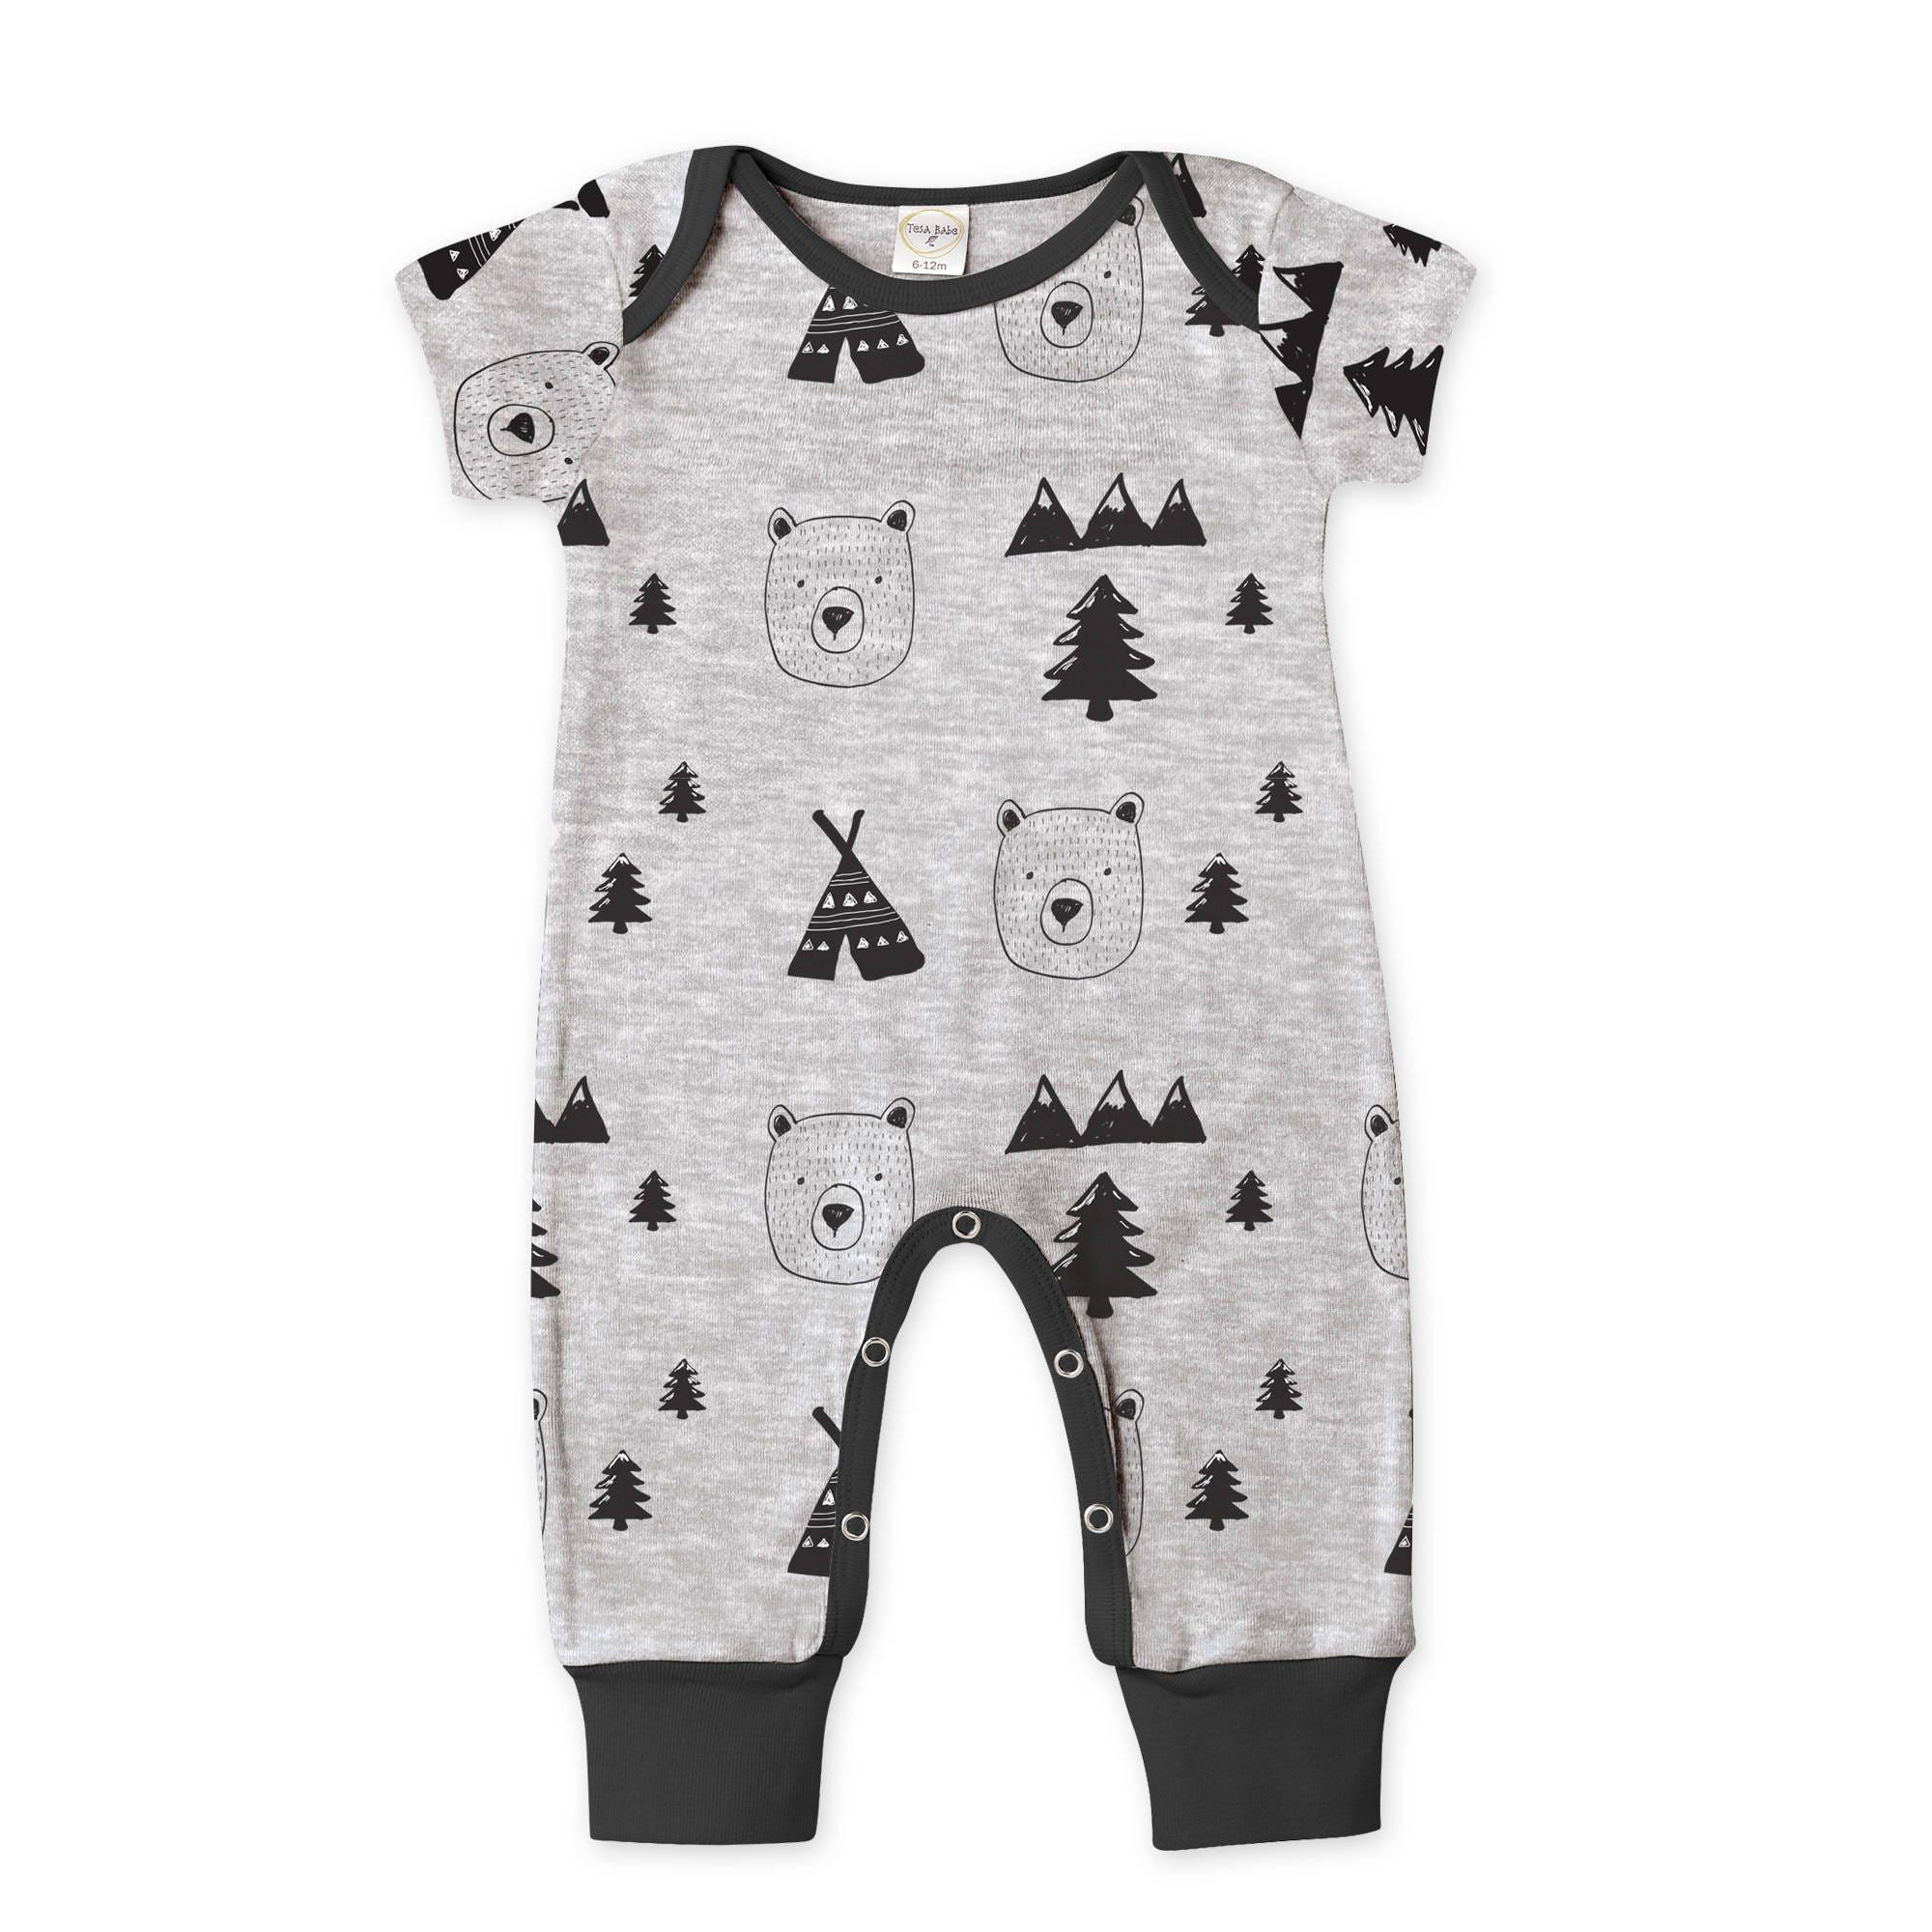 3bb1721da263d WINTER SALE! Newborn Baby Boy Coming Home Outfit Summer